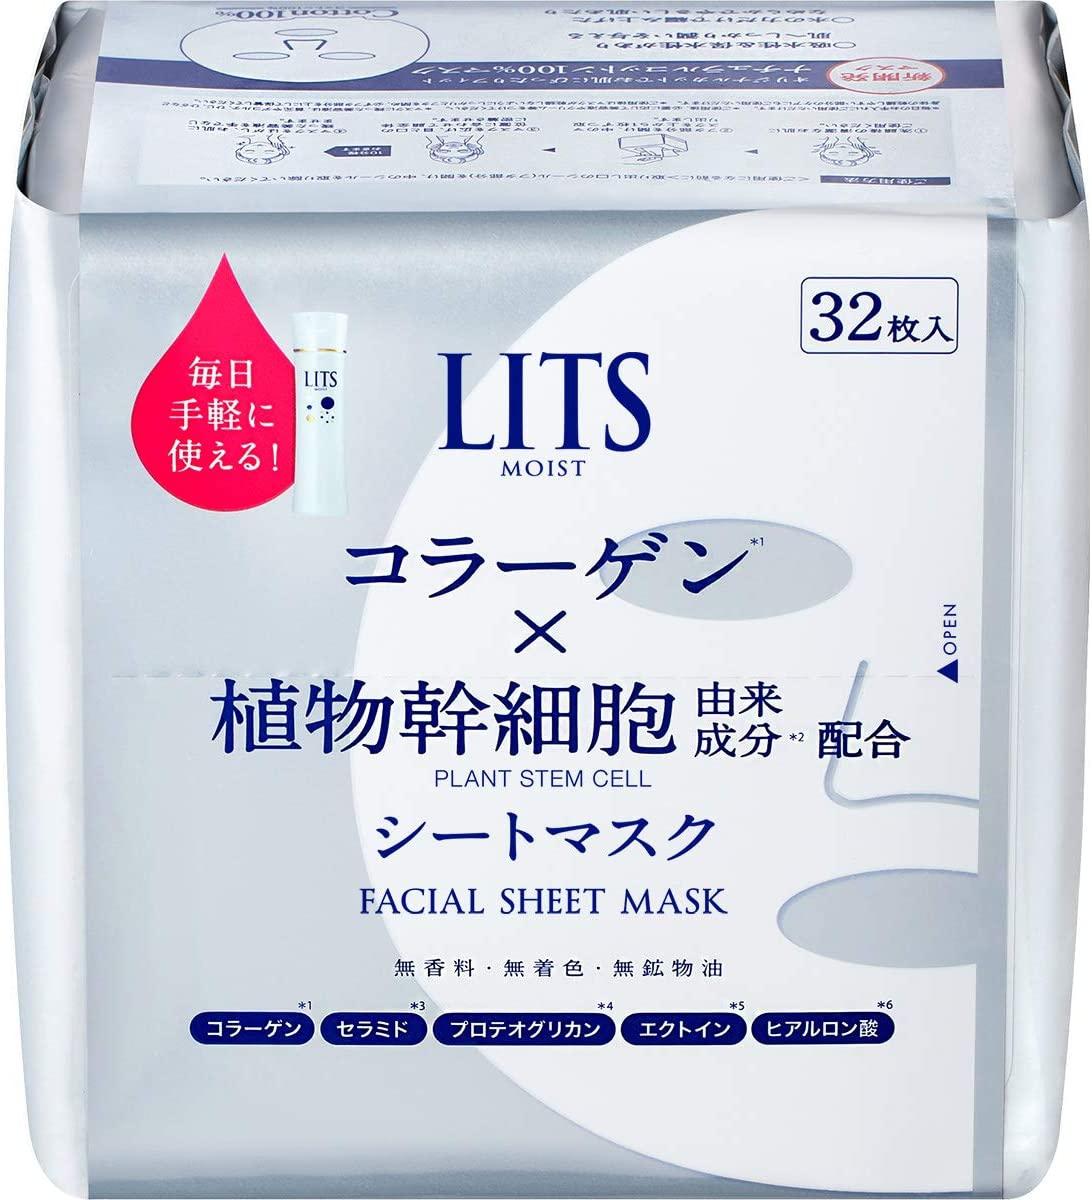 LITS(リッツ) モイスト パーフェクトリッチマスクの商品画像